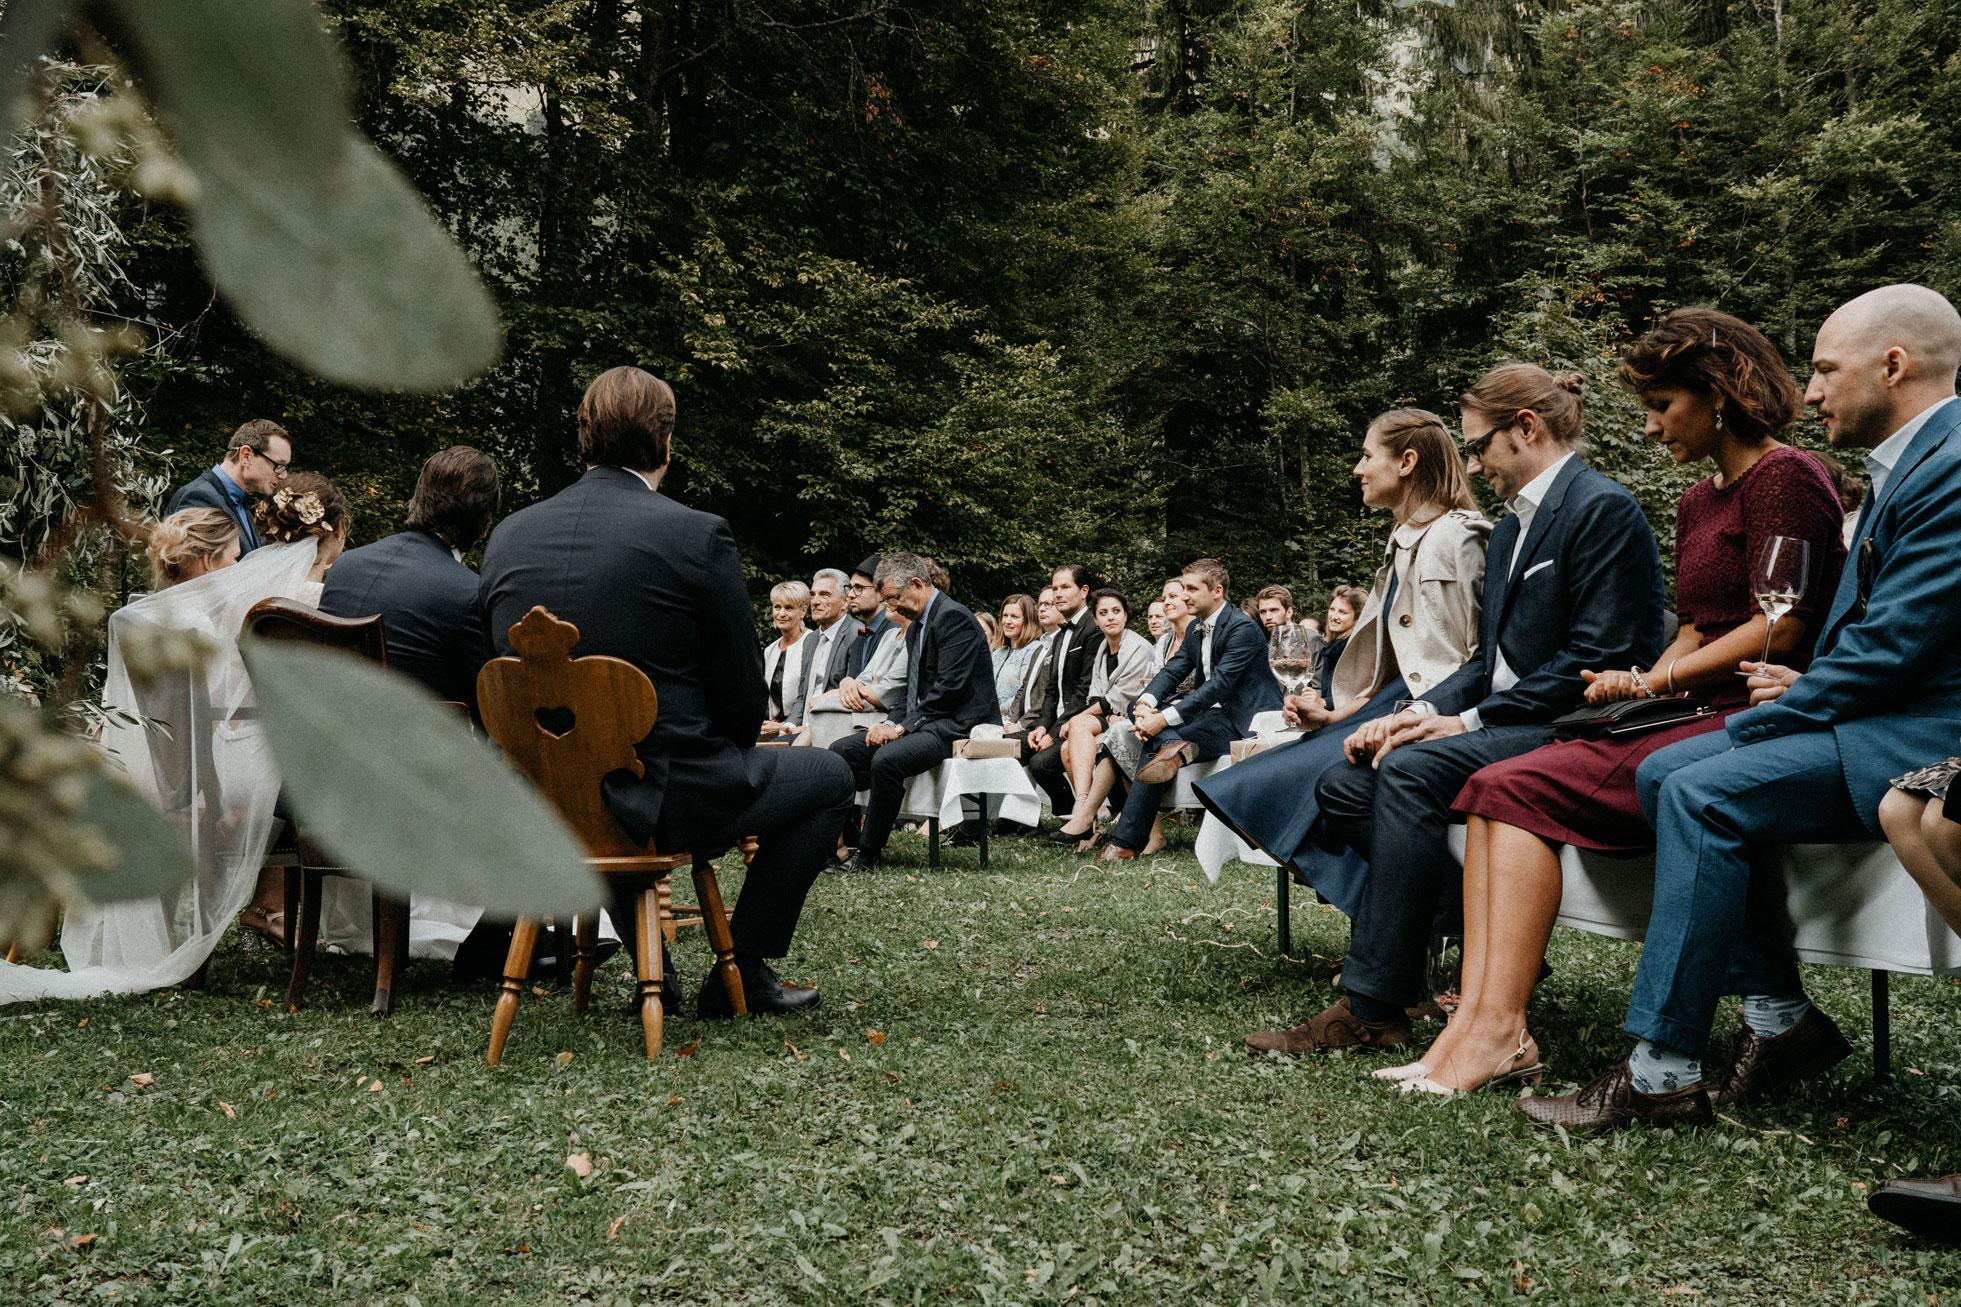 Hochzeit_Claire_Manuel_Villa_Maund_Daniel_Jenny-124.jpg